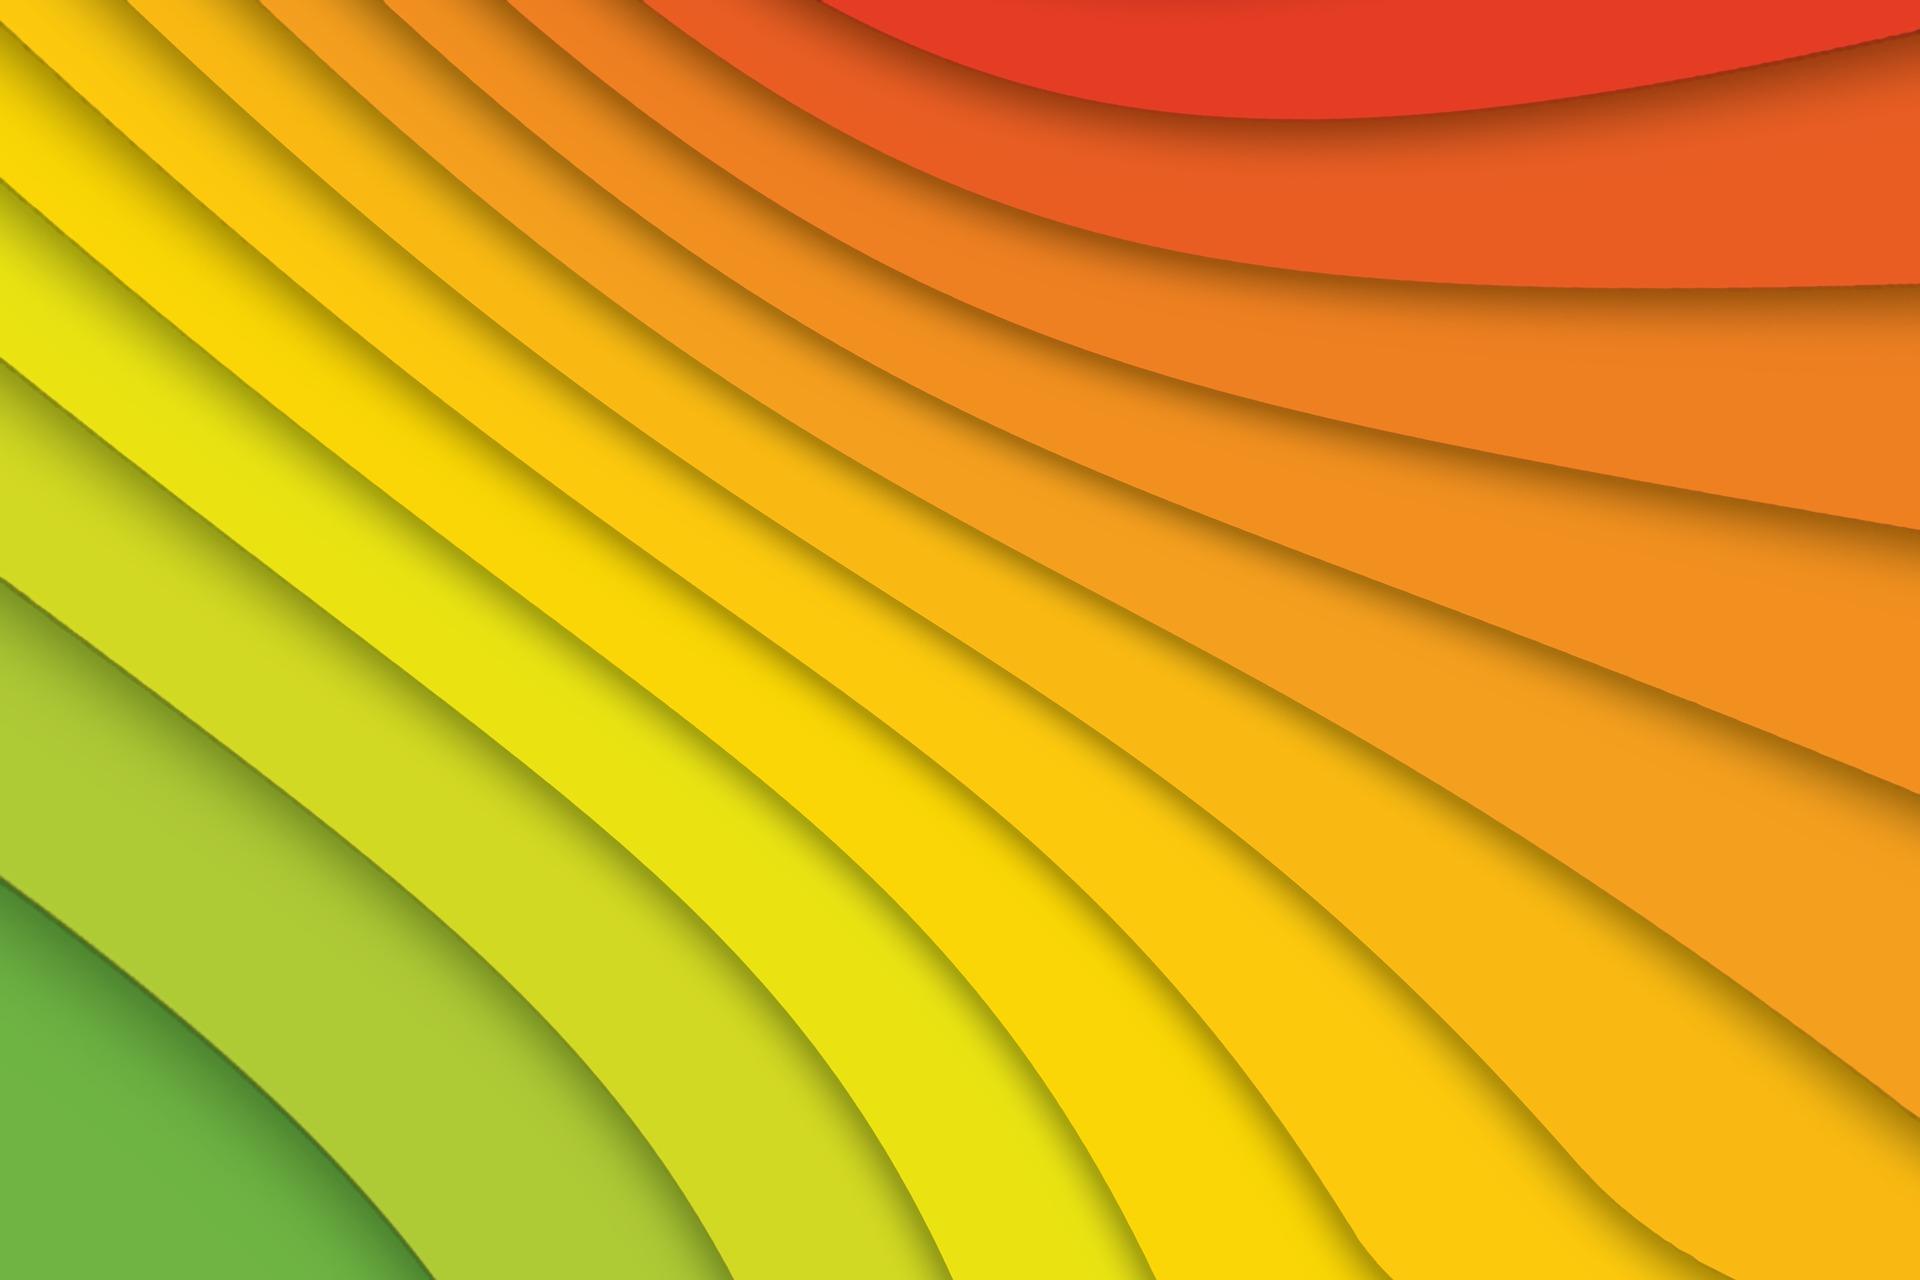 Wallpaper Para Iphone Fondo De Pantalla De Patr 243 N L 237 Neas Colores Torsi 243 N